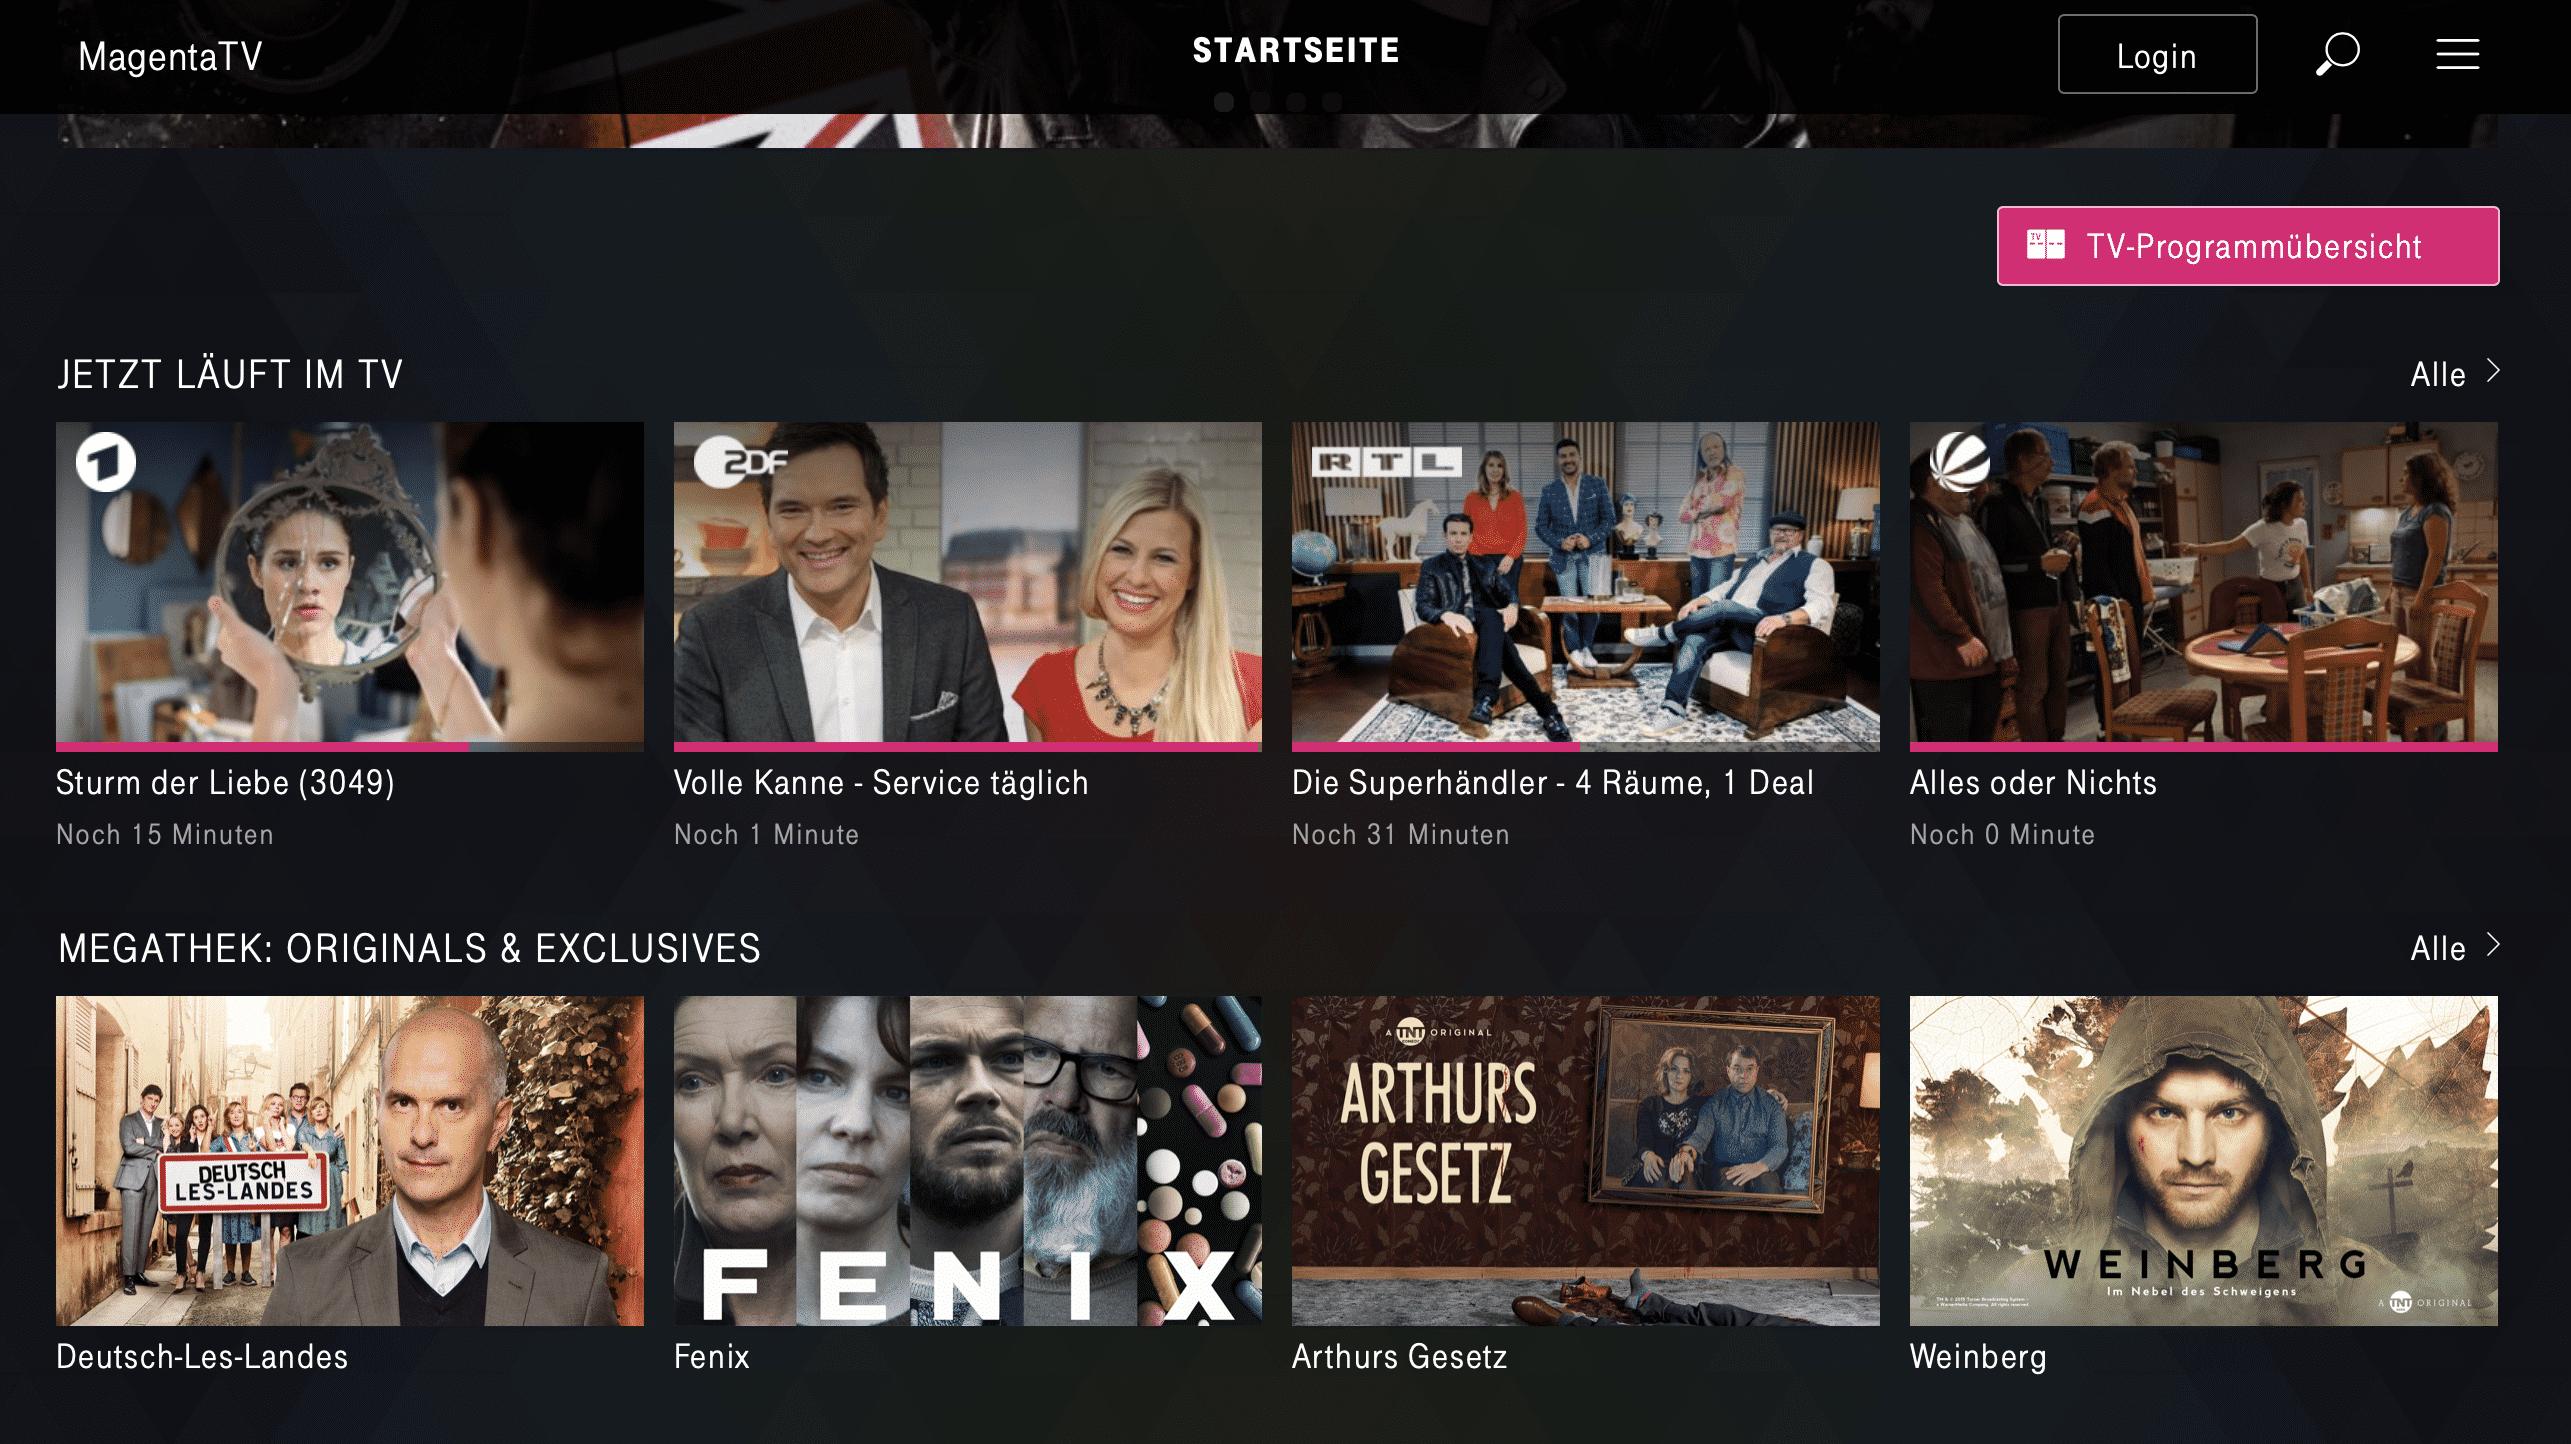 MagentaTV: Neue Software für ausgesperrte Mac-Nutzer, weiterhin Probleme